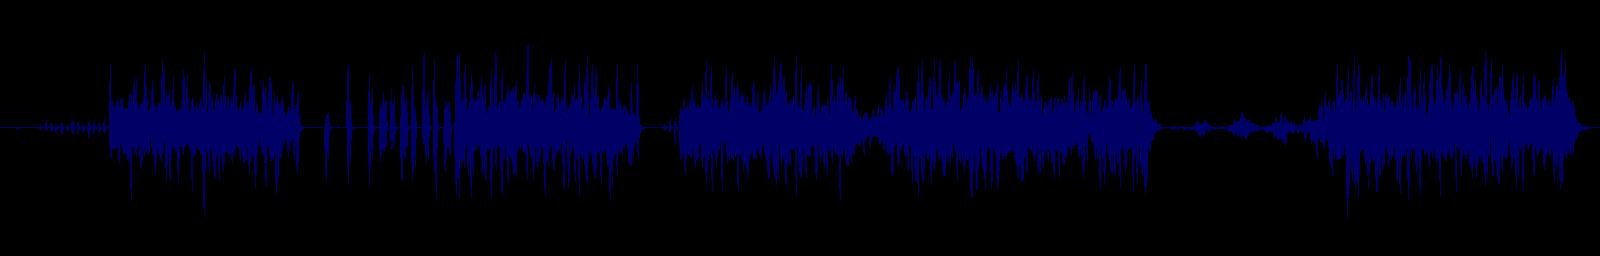 waveform of track #95120